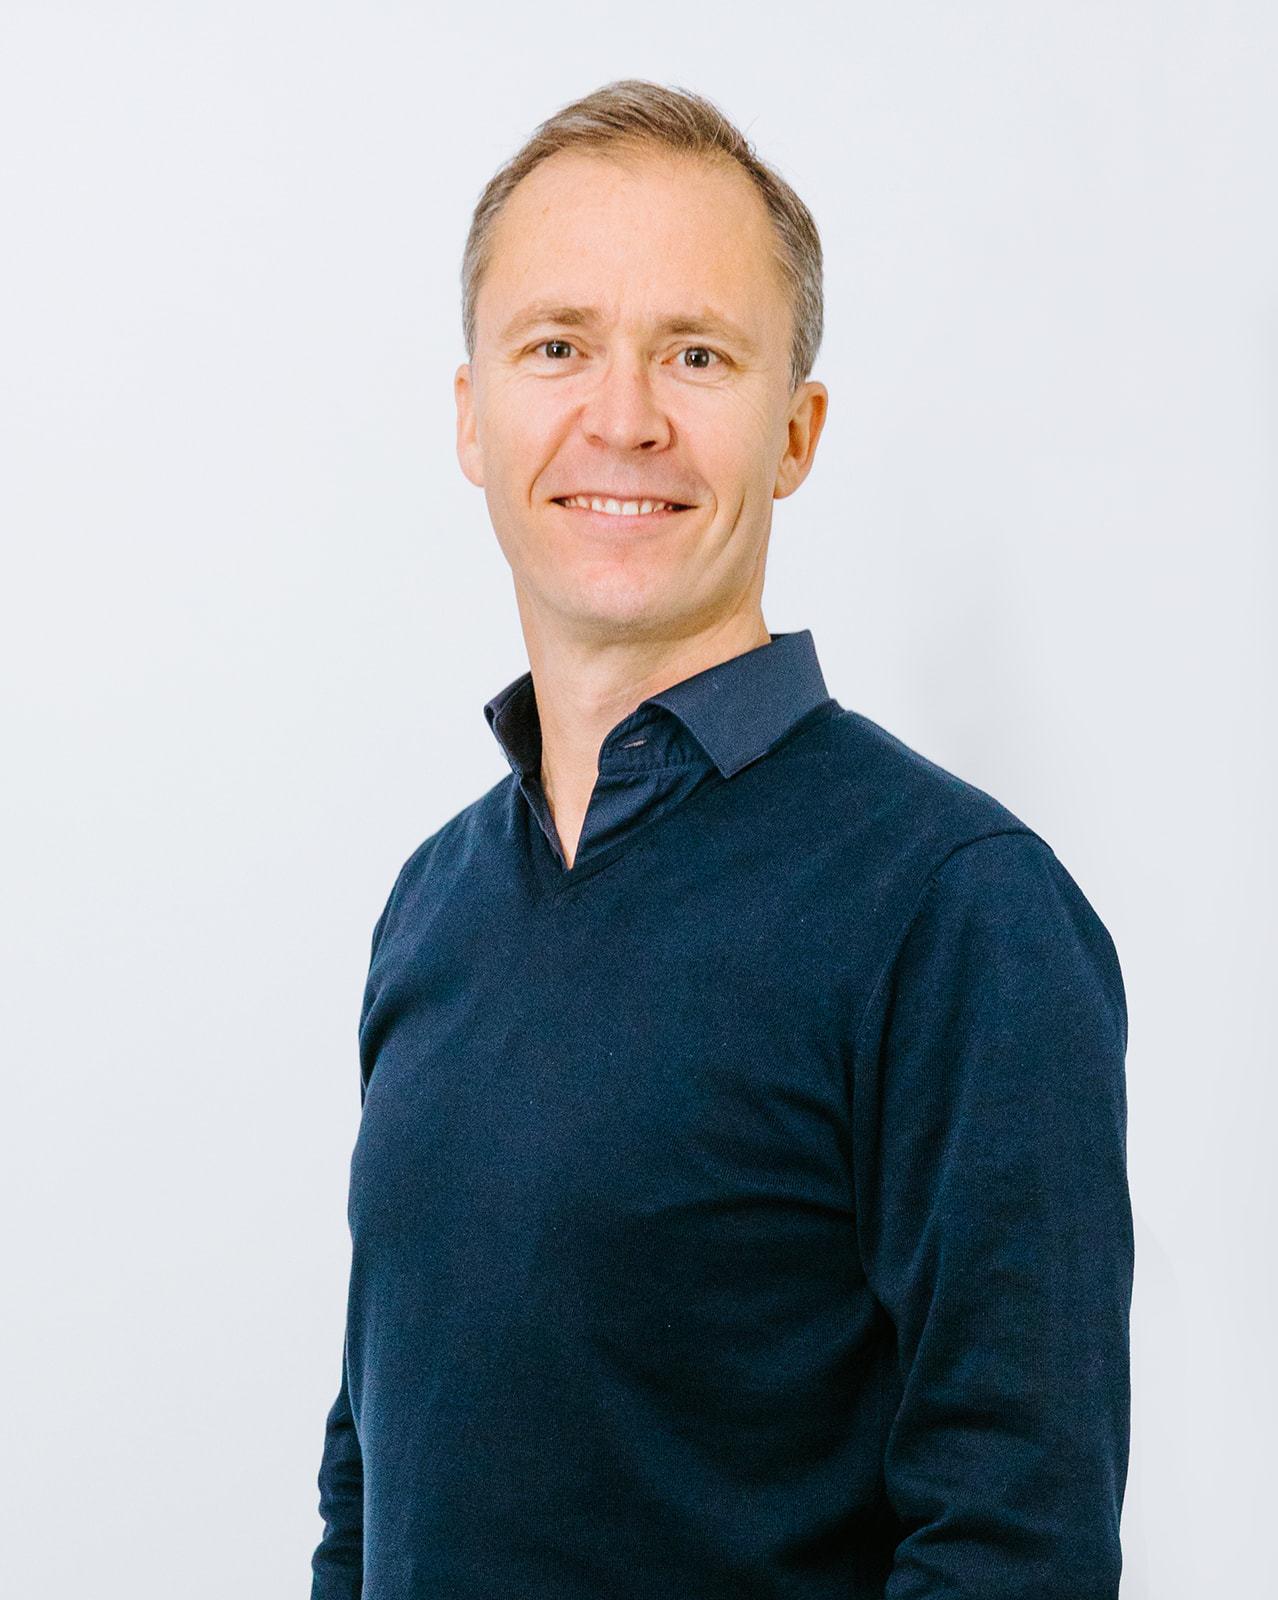 photo of Peter Zwinkels Senior Sales Director